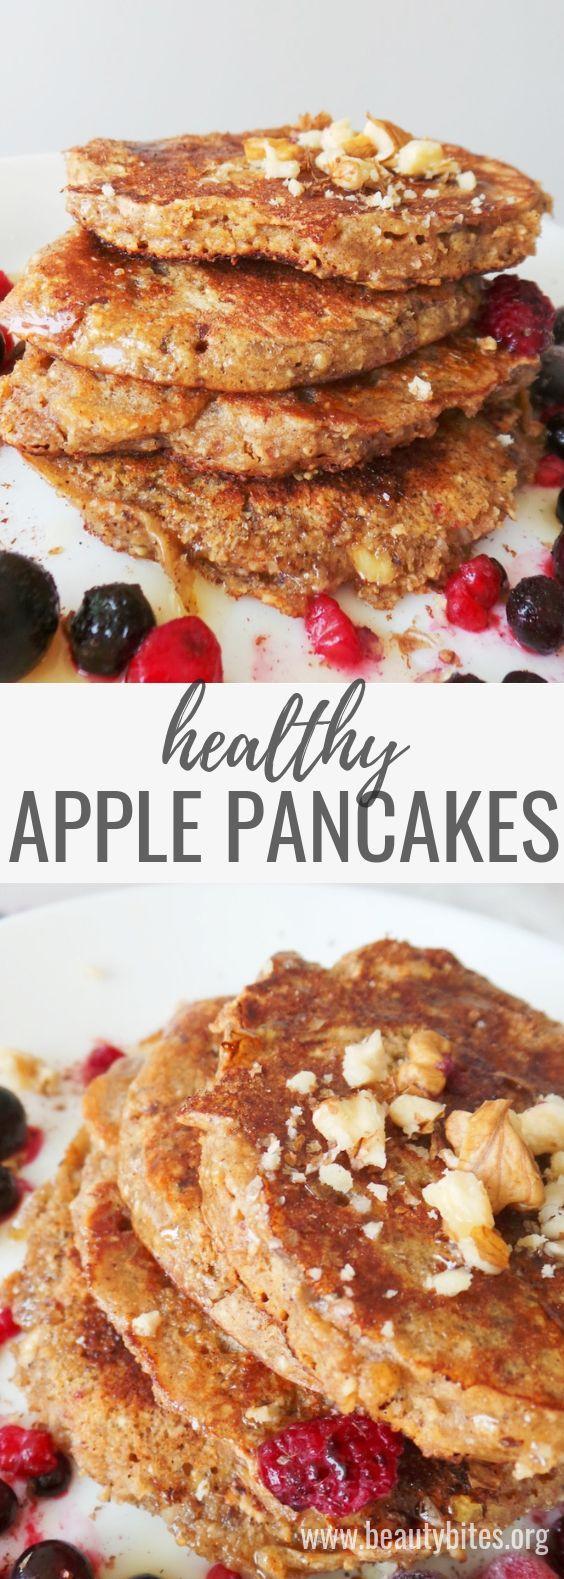 Apple Pancakes With Oats - Healthy & Easy Breakfast Recipe - Beauty Bites #healthybreakfast